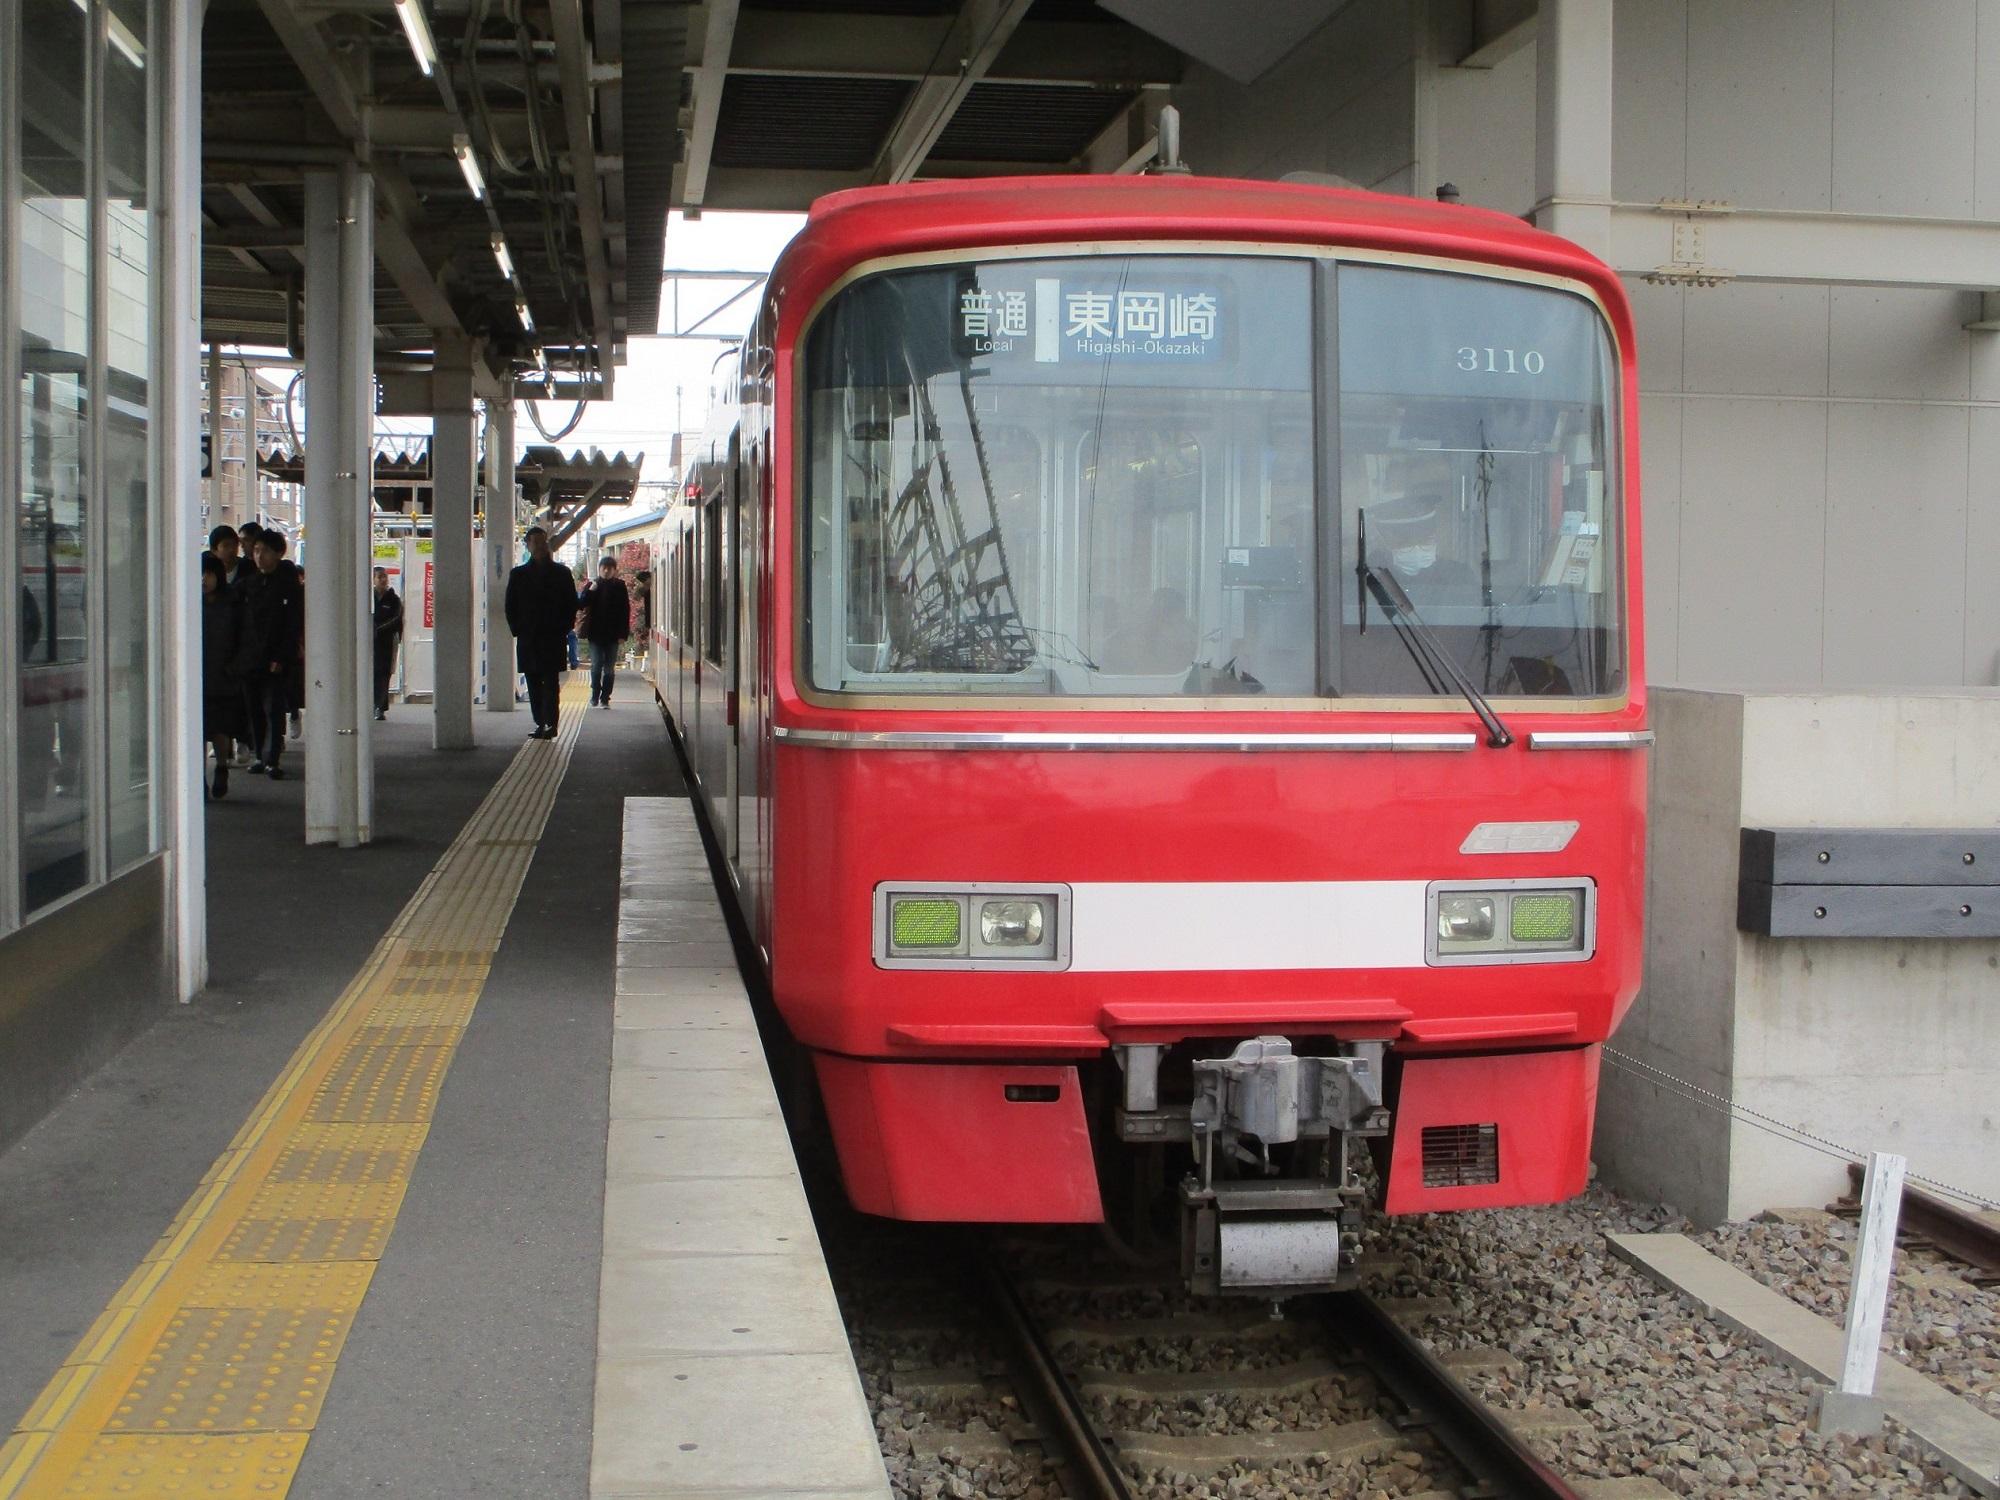 2020.1.16 (4) しんあんじょう - 東岡崎いきふつう 2000-1500